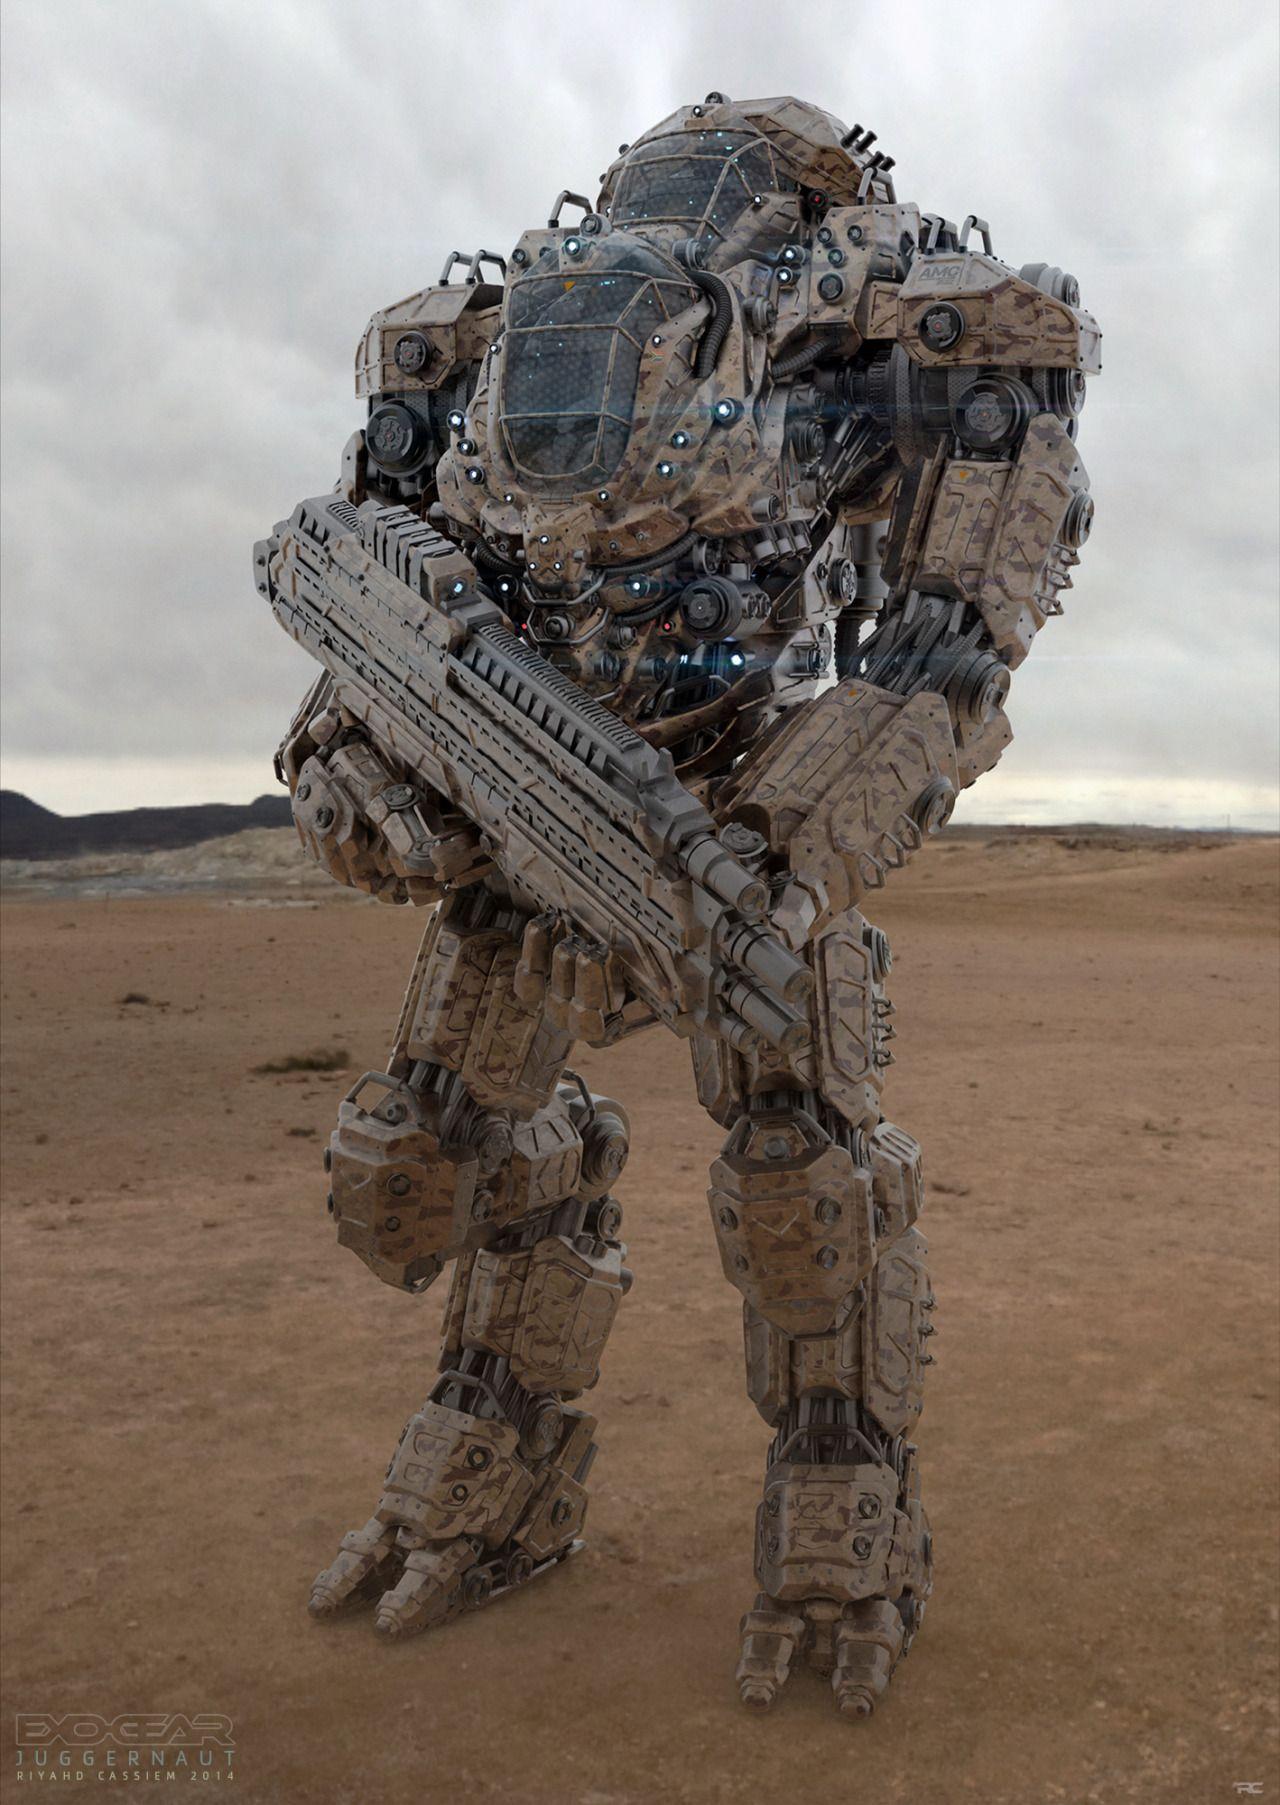 Juggernaut Mech Design - 3D model - by sancient (Riyahd Cassiem)